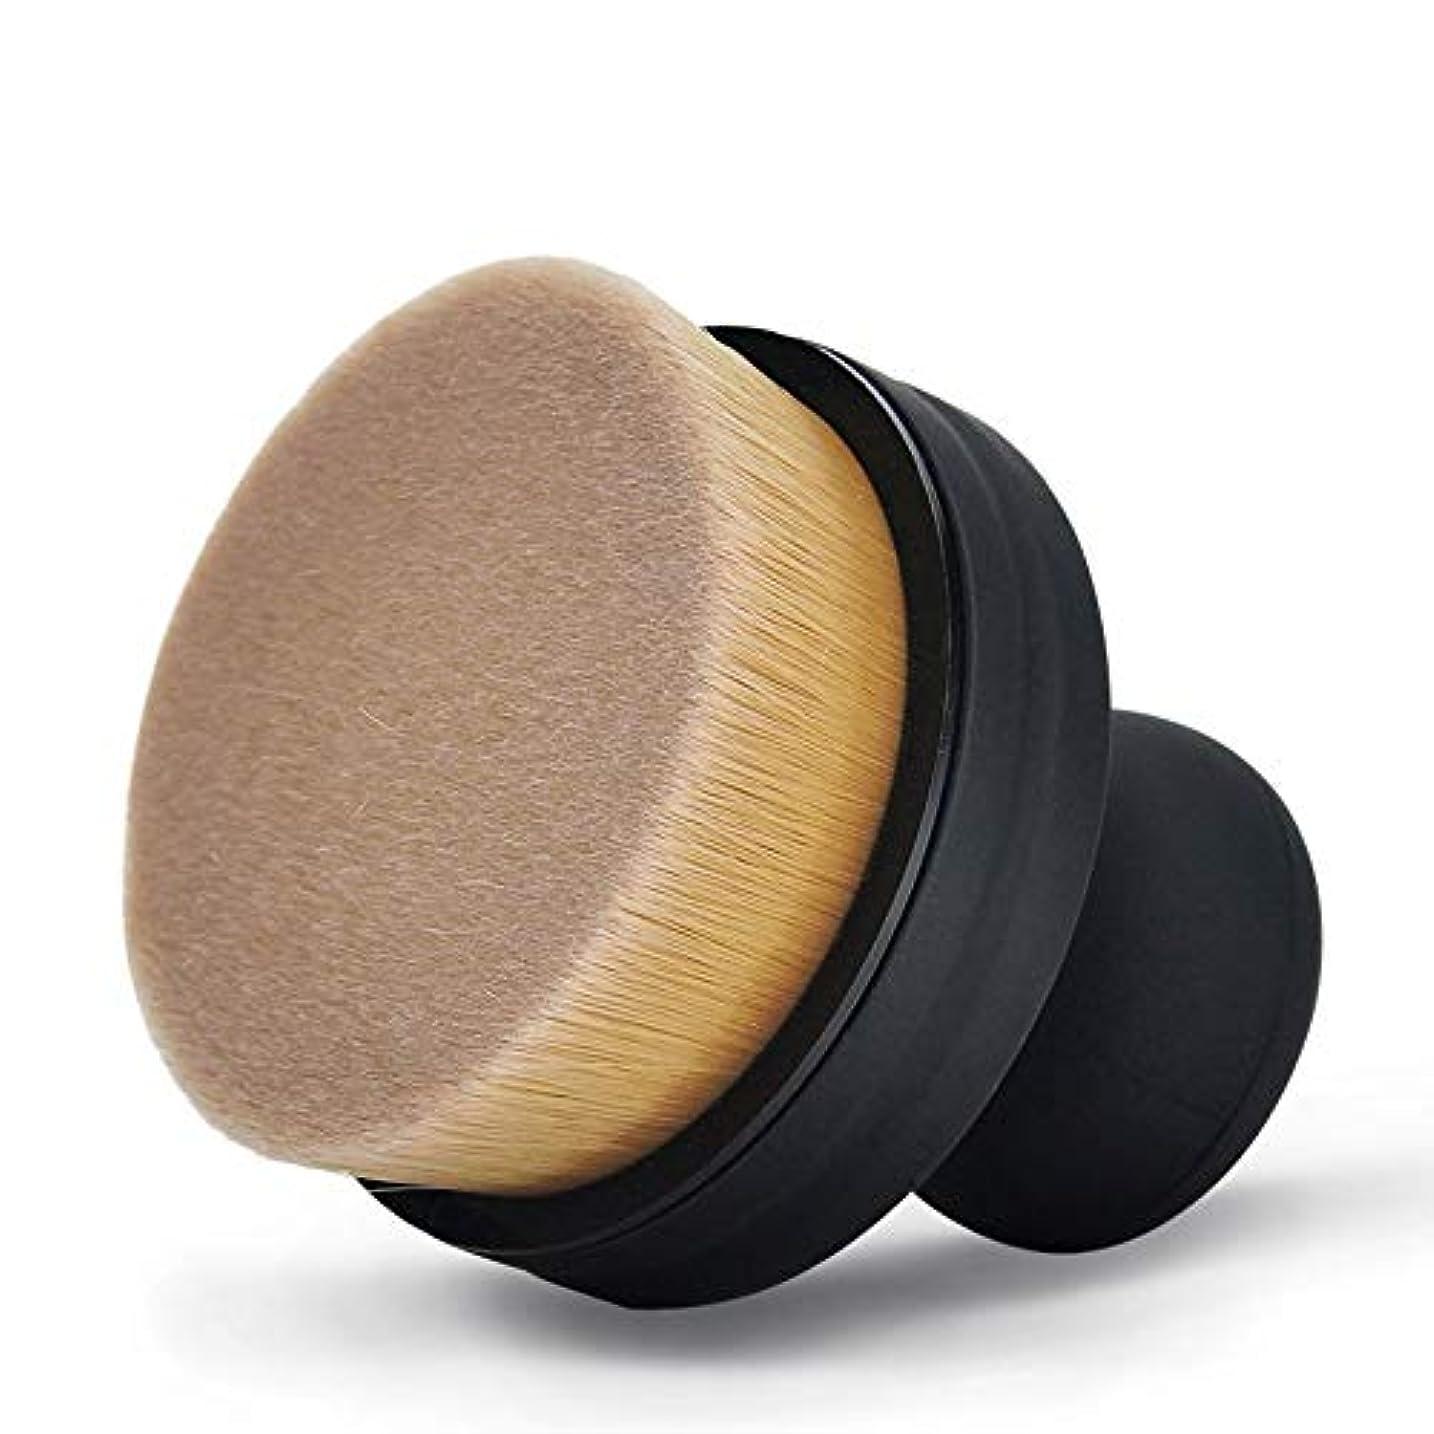 油検出切断するMSQ 化粧ブラシ 人気 メイクブラシ メイクアップブラシ 粧ブラシ 可愛い 化粧筆 肌に優しい ファンデーションブラシ アイシャドウブラシ 携帯便利